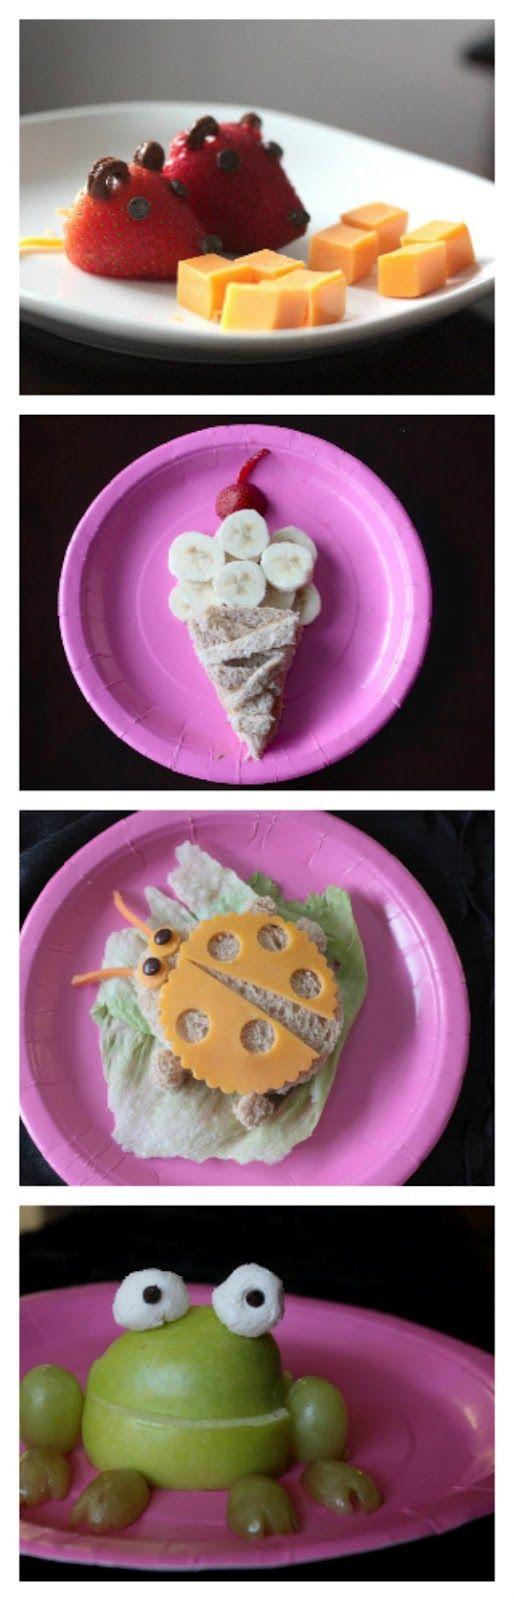 @Laura Jayson Ryan Fun food for kids - Momma Hen's Kitchen